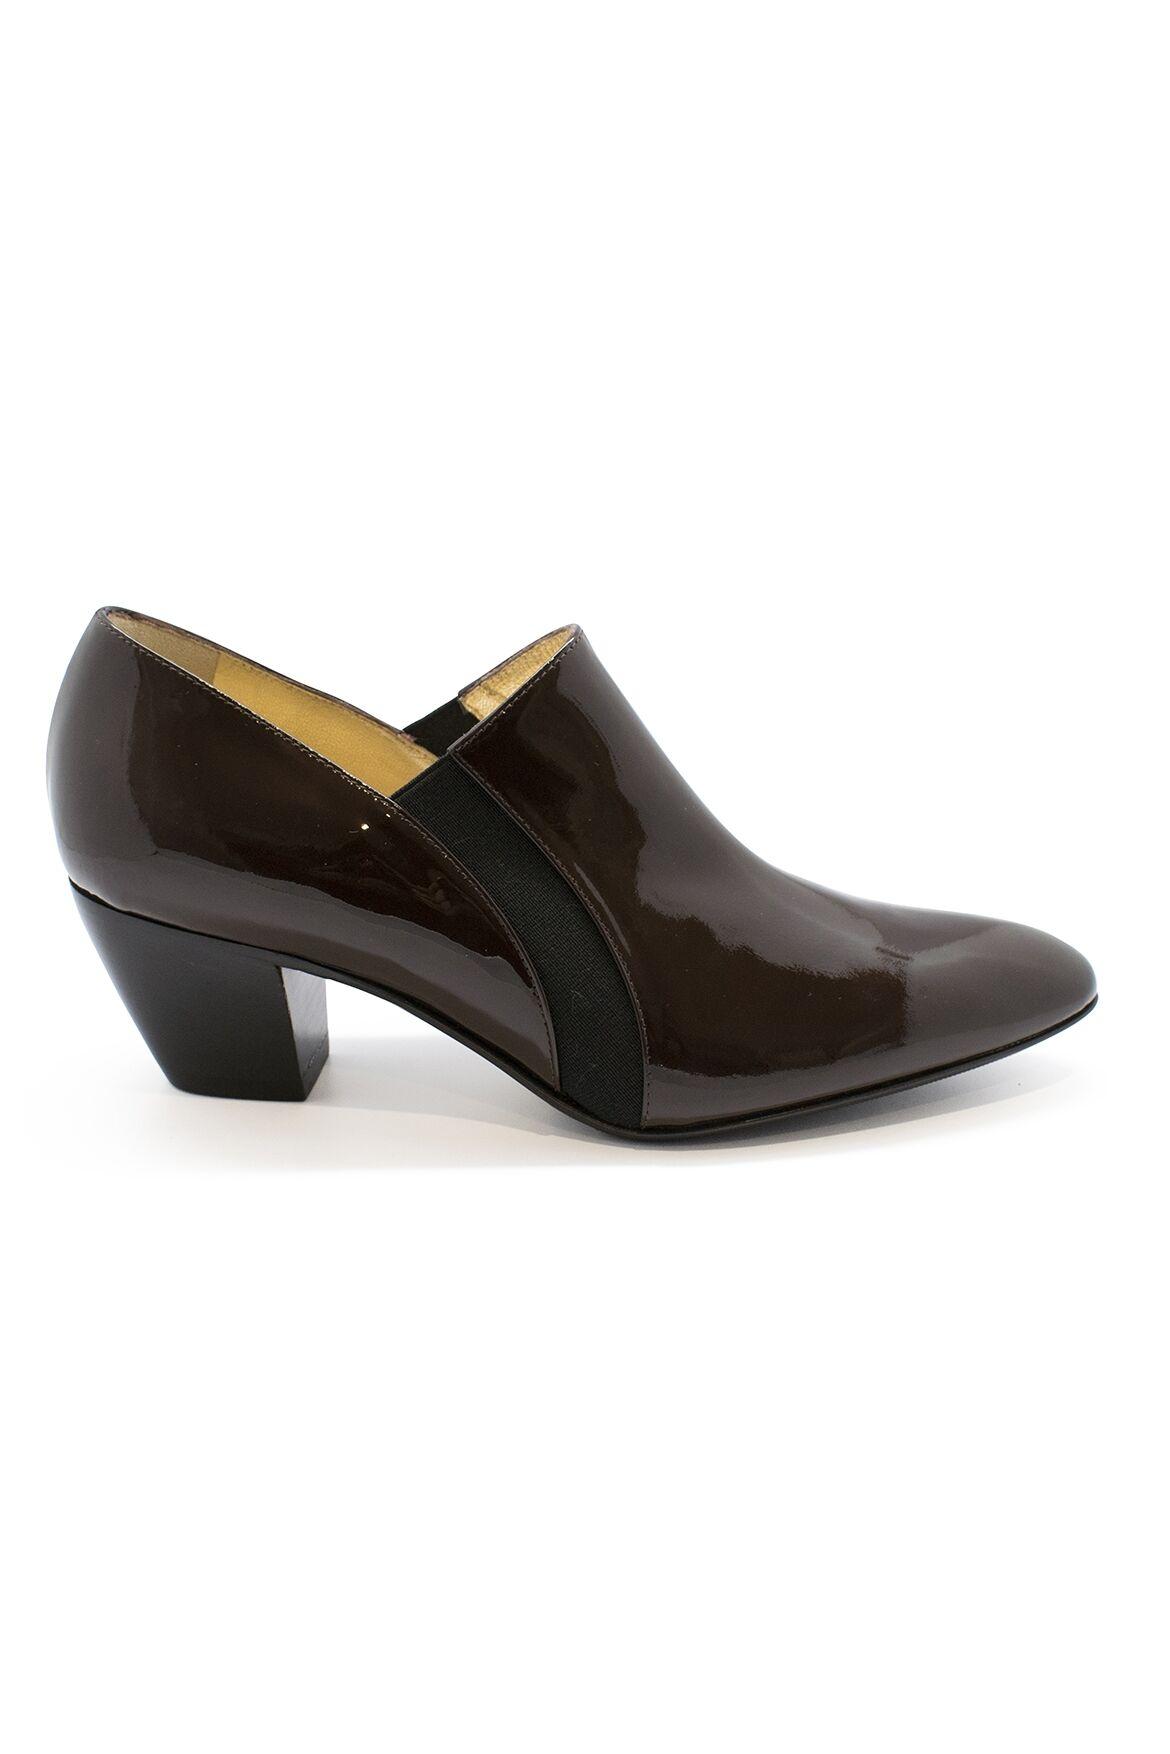 Walter Steiger Boots Seventy Eight - Pointure: 39,5